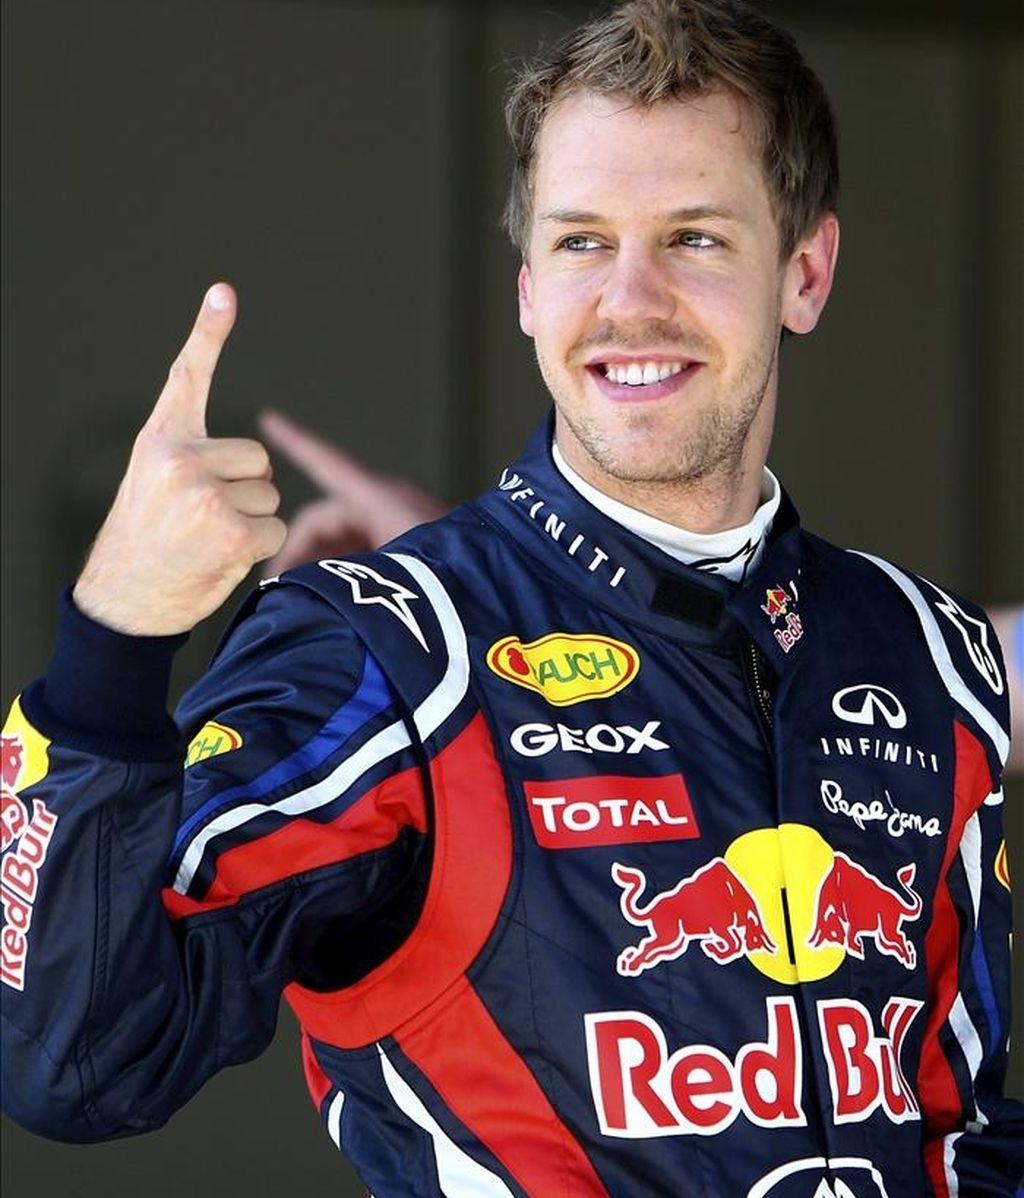 El piloto alemán Sebastian Vettel (Red Bull ) celebra su tiempo al término de los entrenamientos libres del Gran Premio de Turquía de Fórmula Uno, celebrado en Estambul. EFE